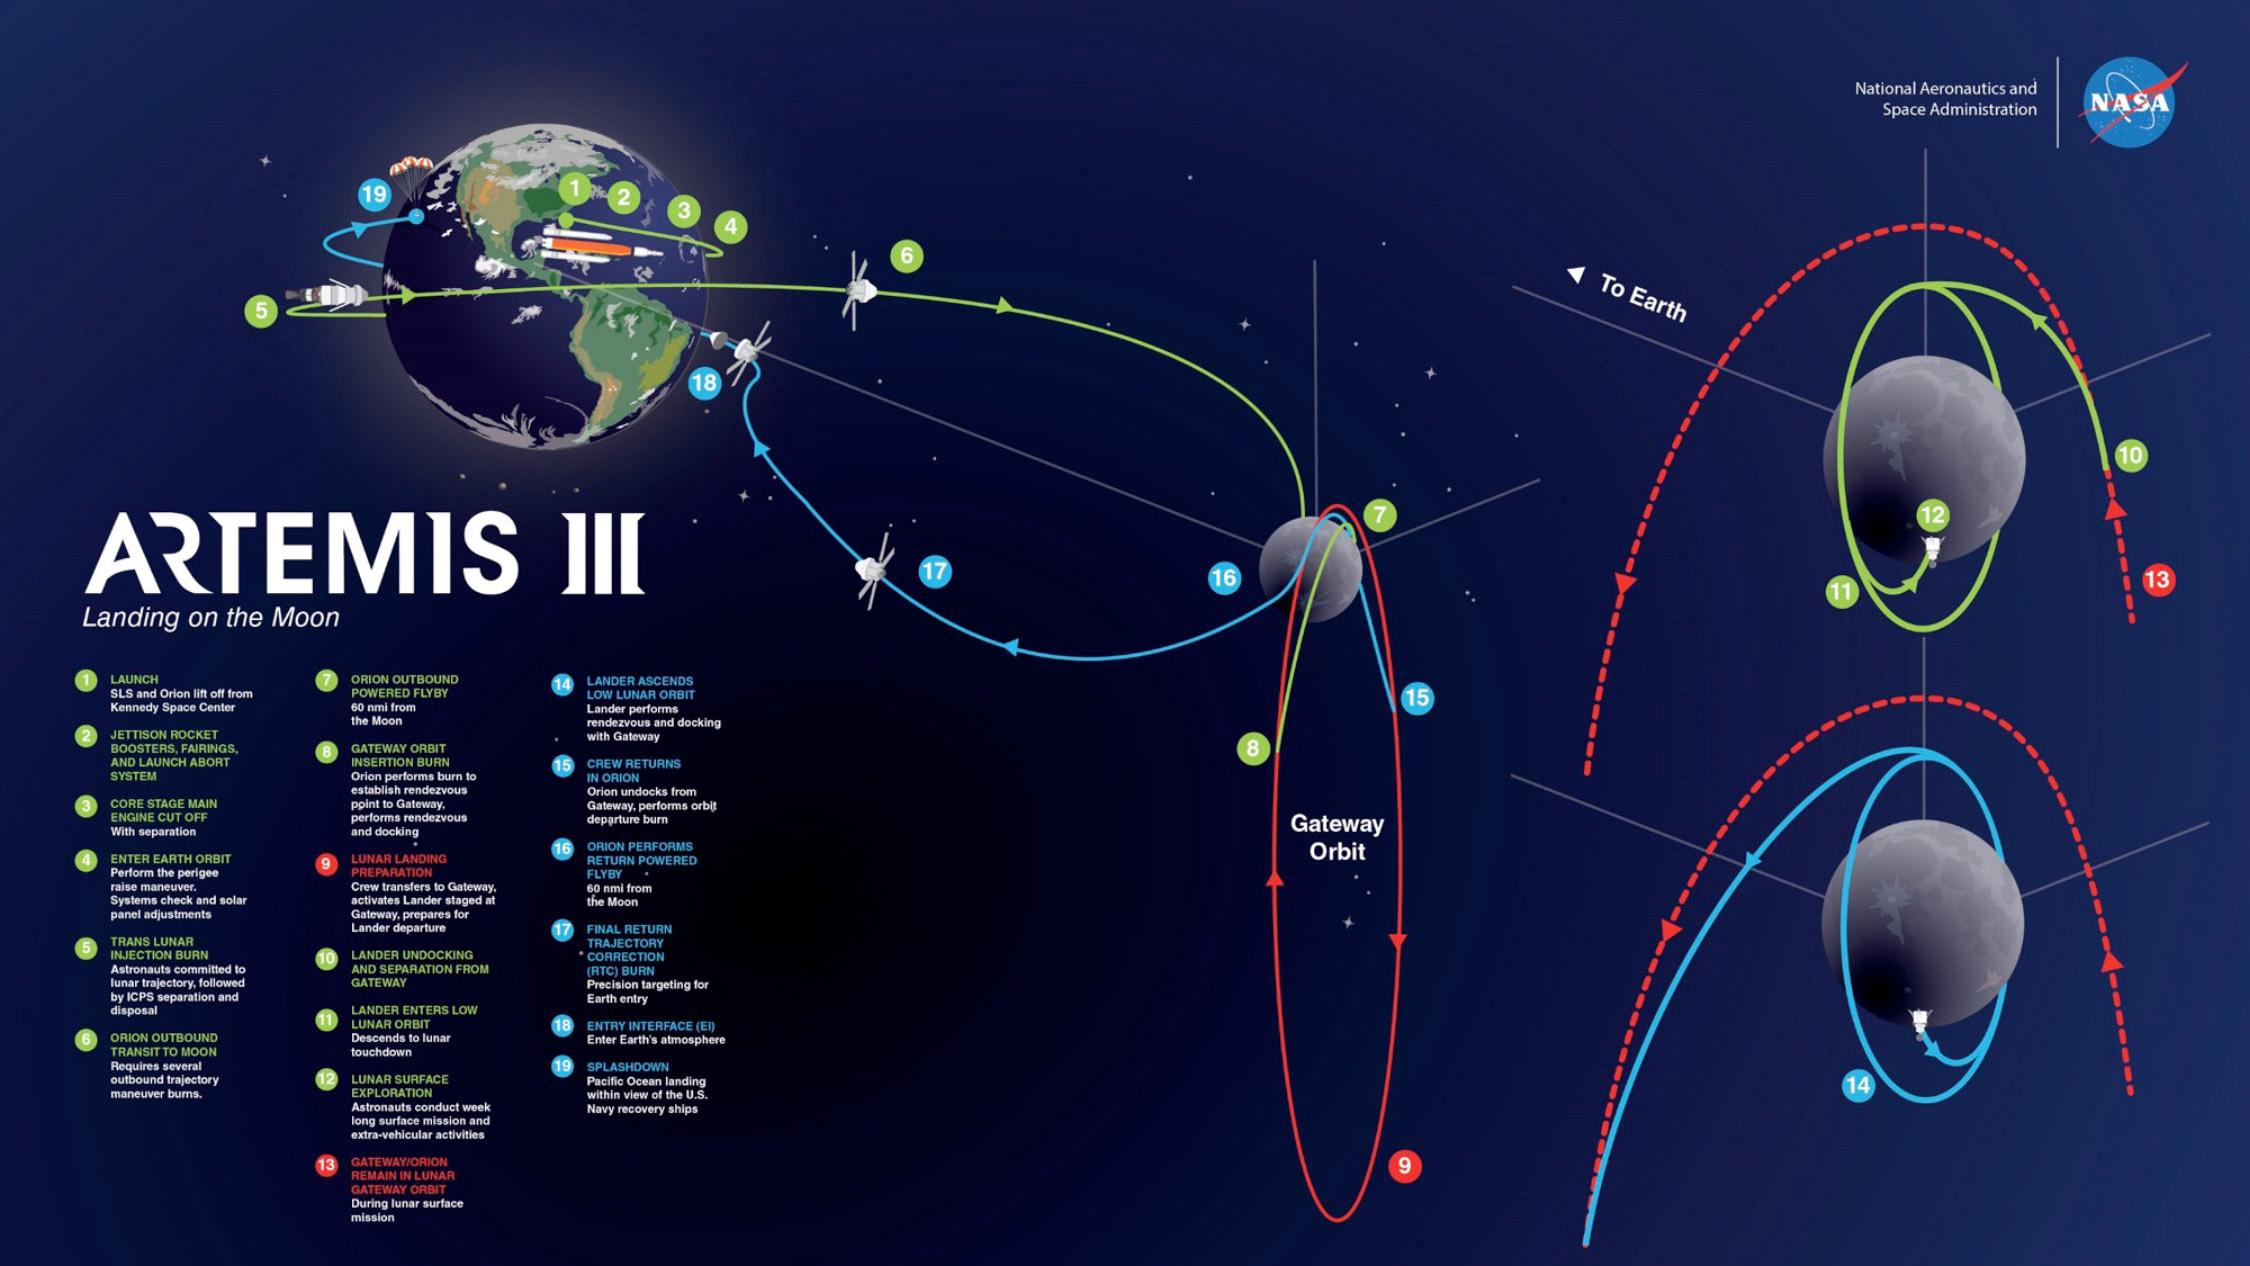 Graphique de la NASA montrant le plan théorique de la mission Artemis III, le premier retour des humains sur la surface de la lune, y compris la première femme et le prochain homme, qui sera lancé en 2024.